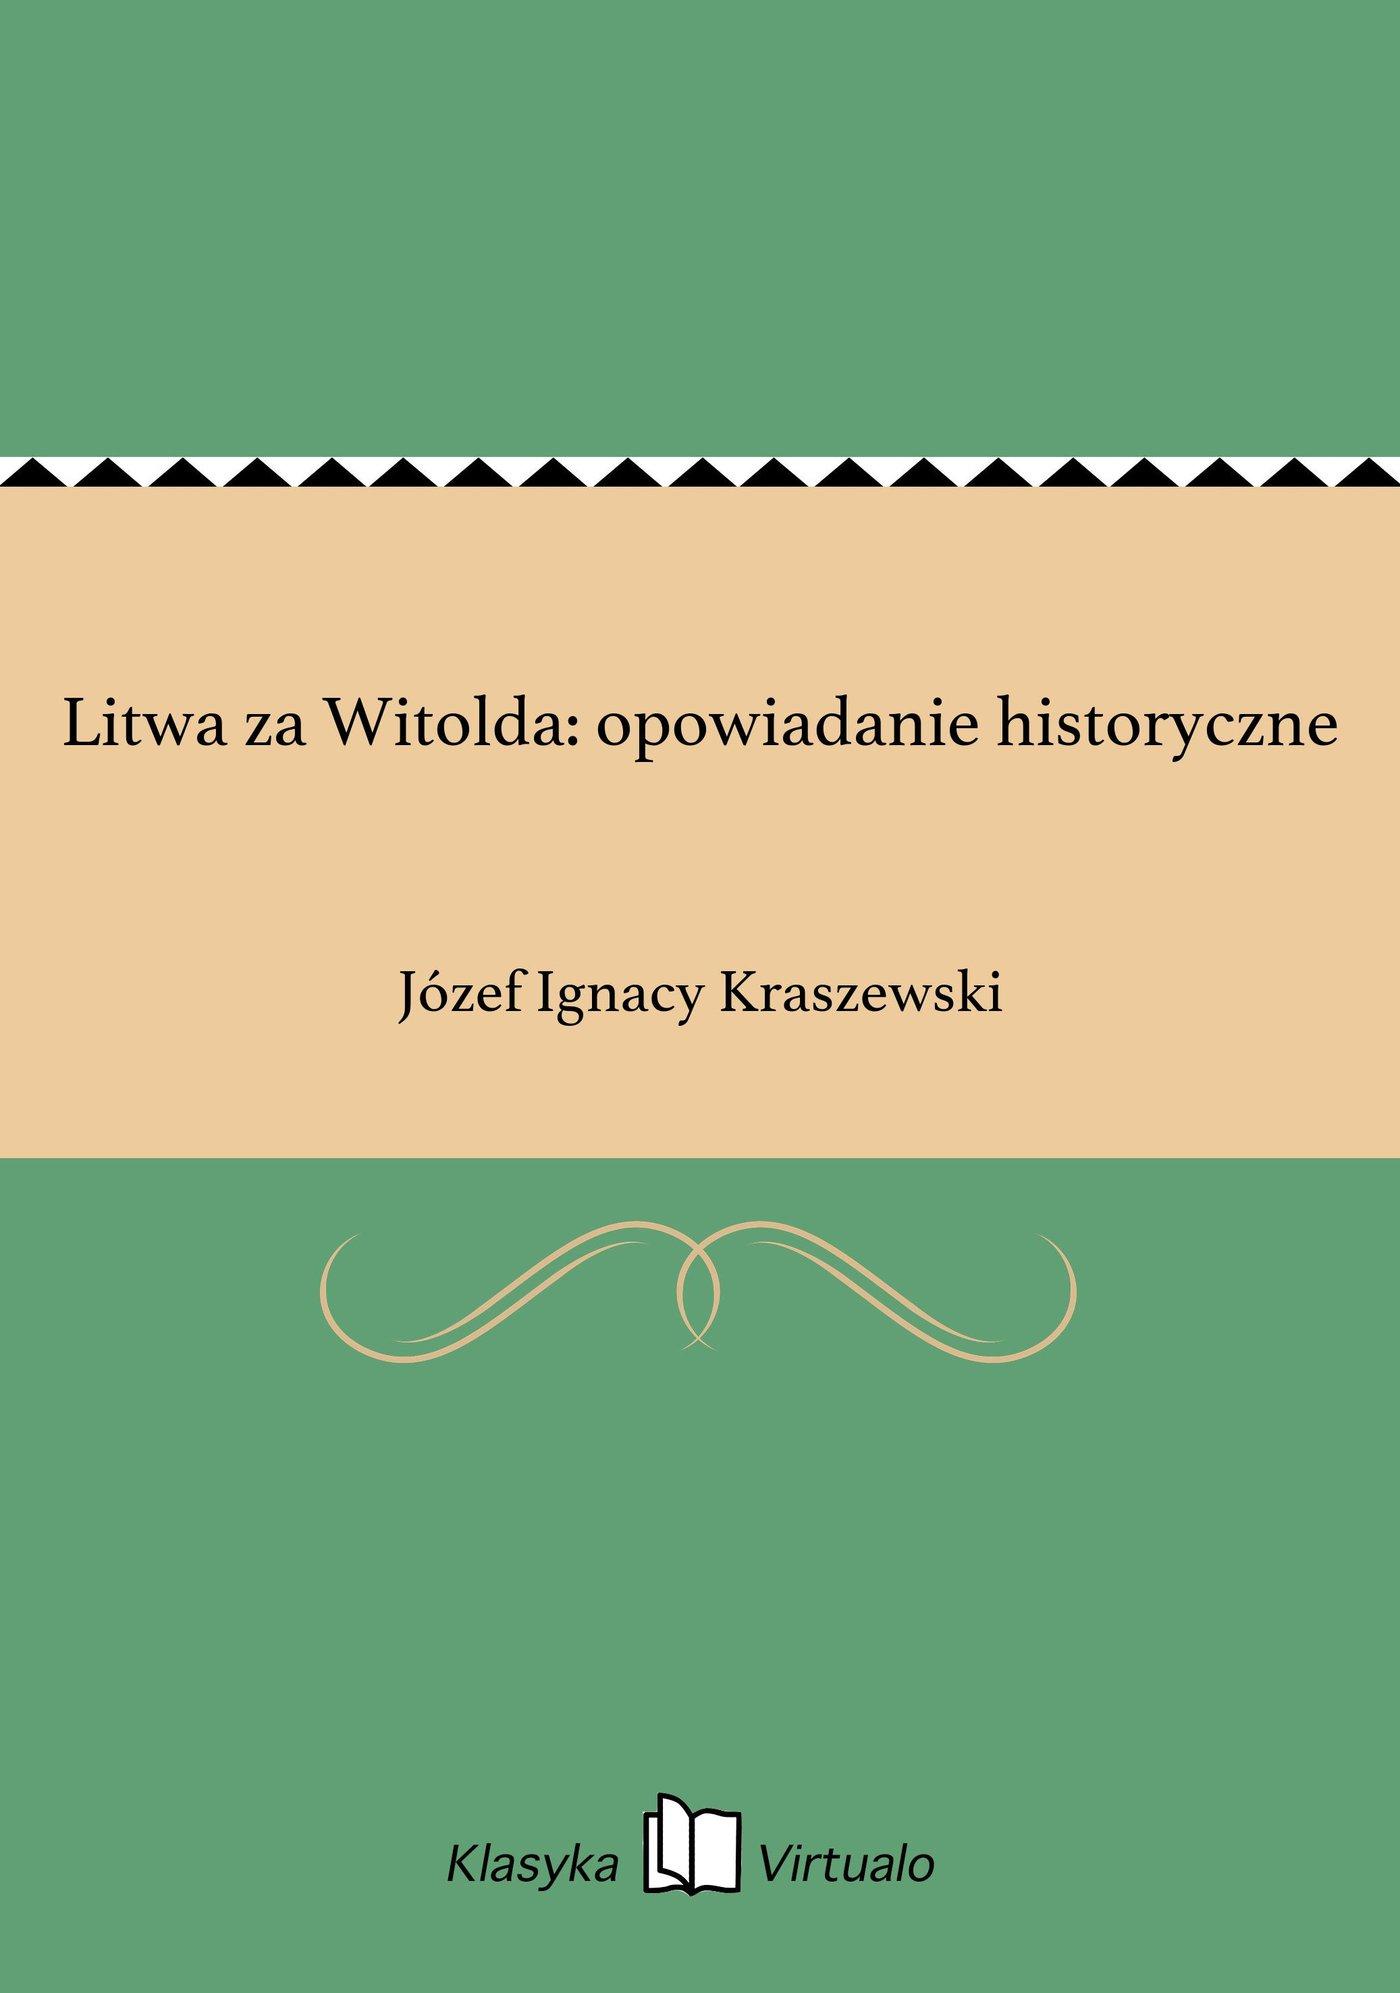 Litwa za Witolda: opowiadanie historyczne - Ebook (Książka EPUB) do pobrania w formacie EPUB